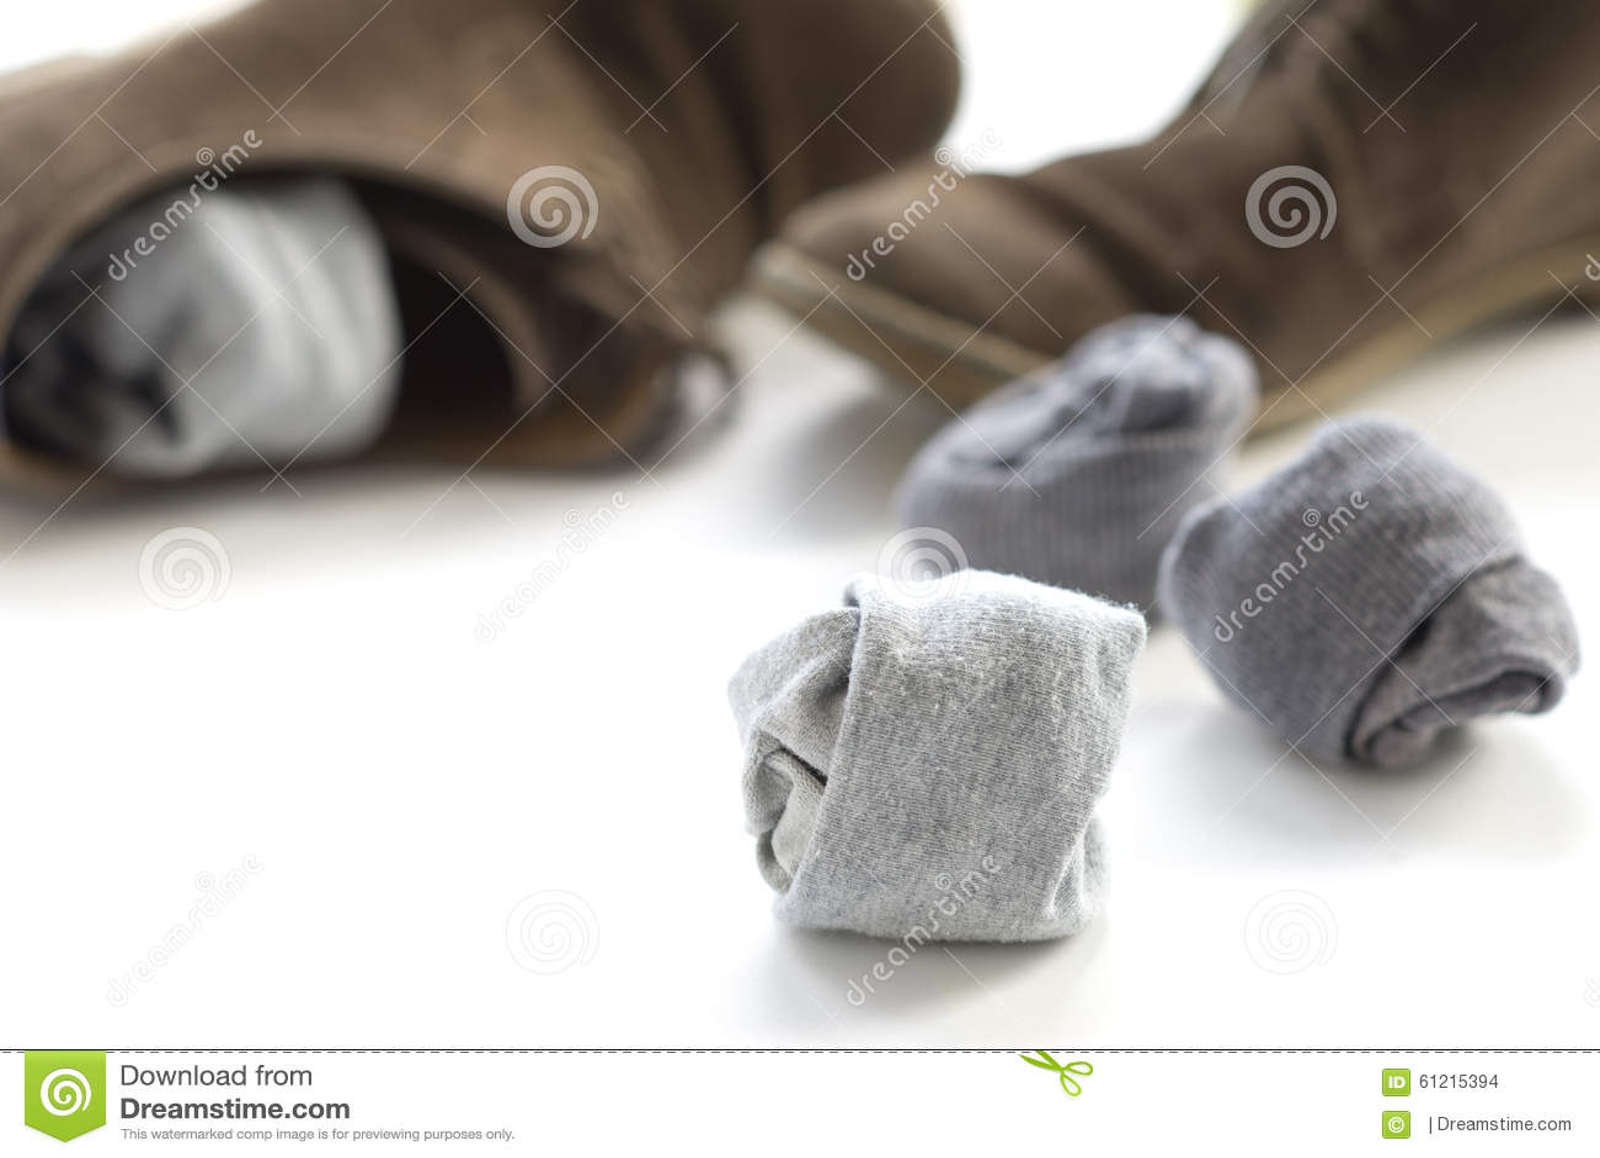 Socken Und Braune Schuhe Stockfoto Bild Von Modern Grau 61215394